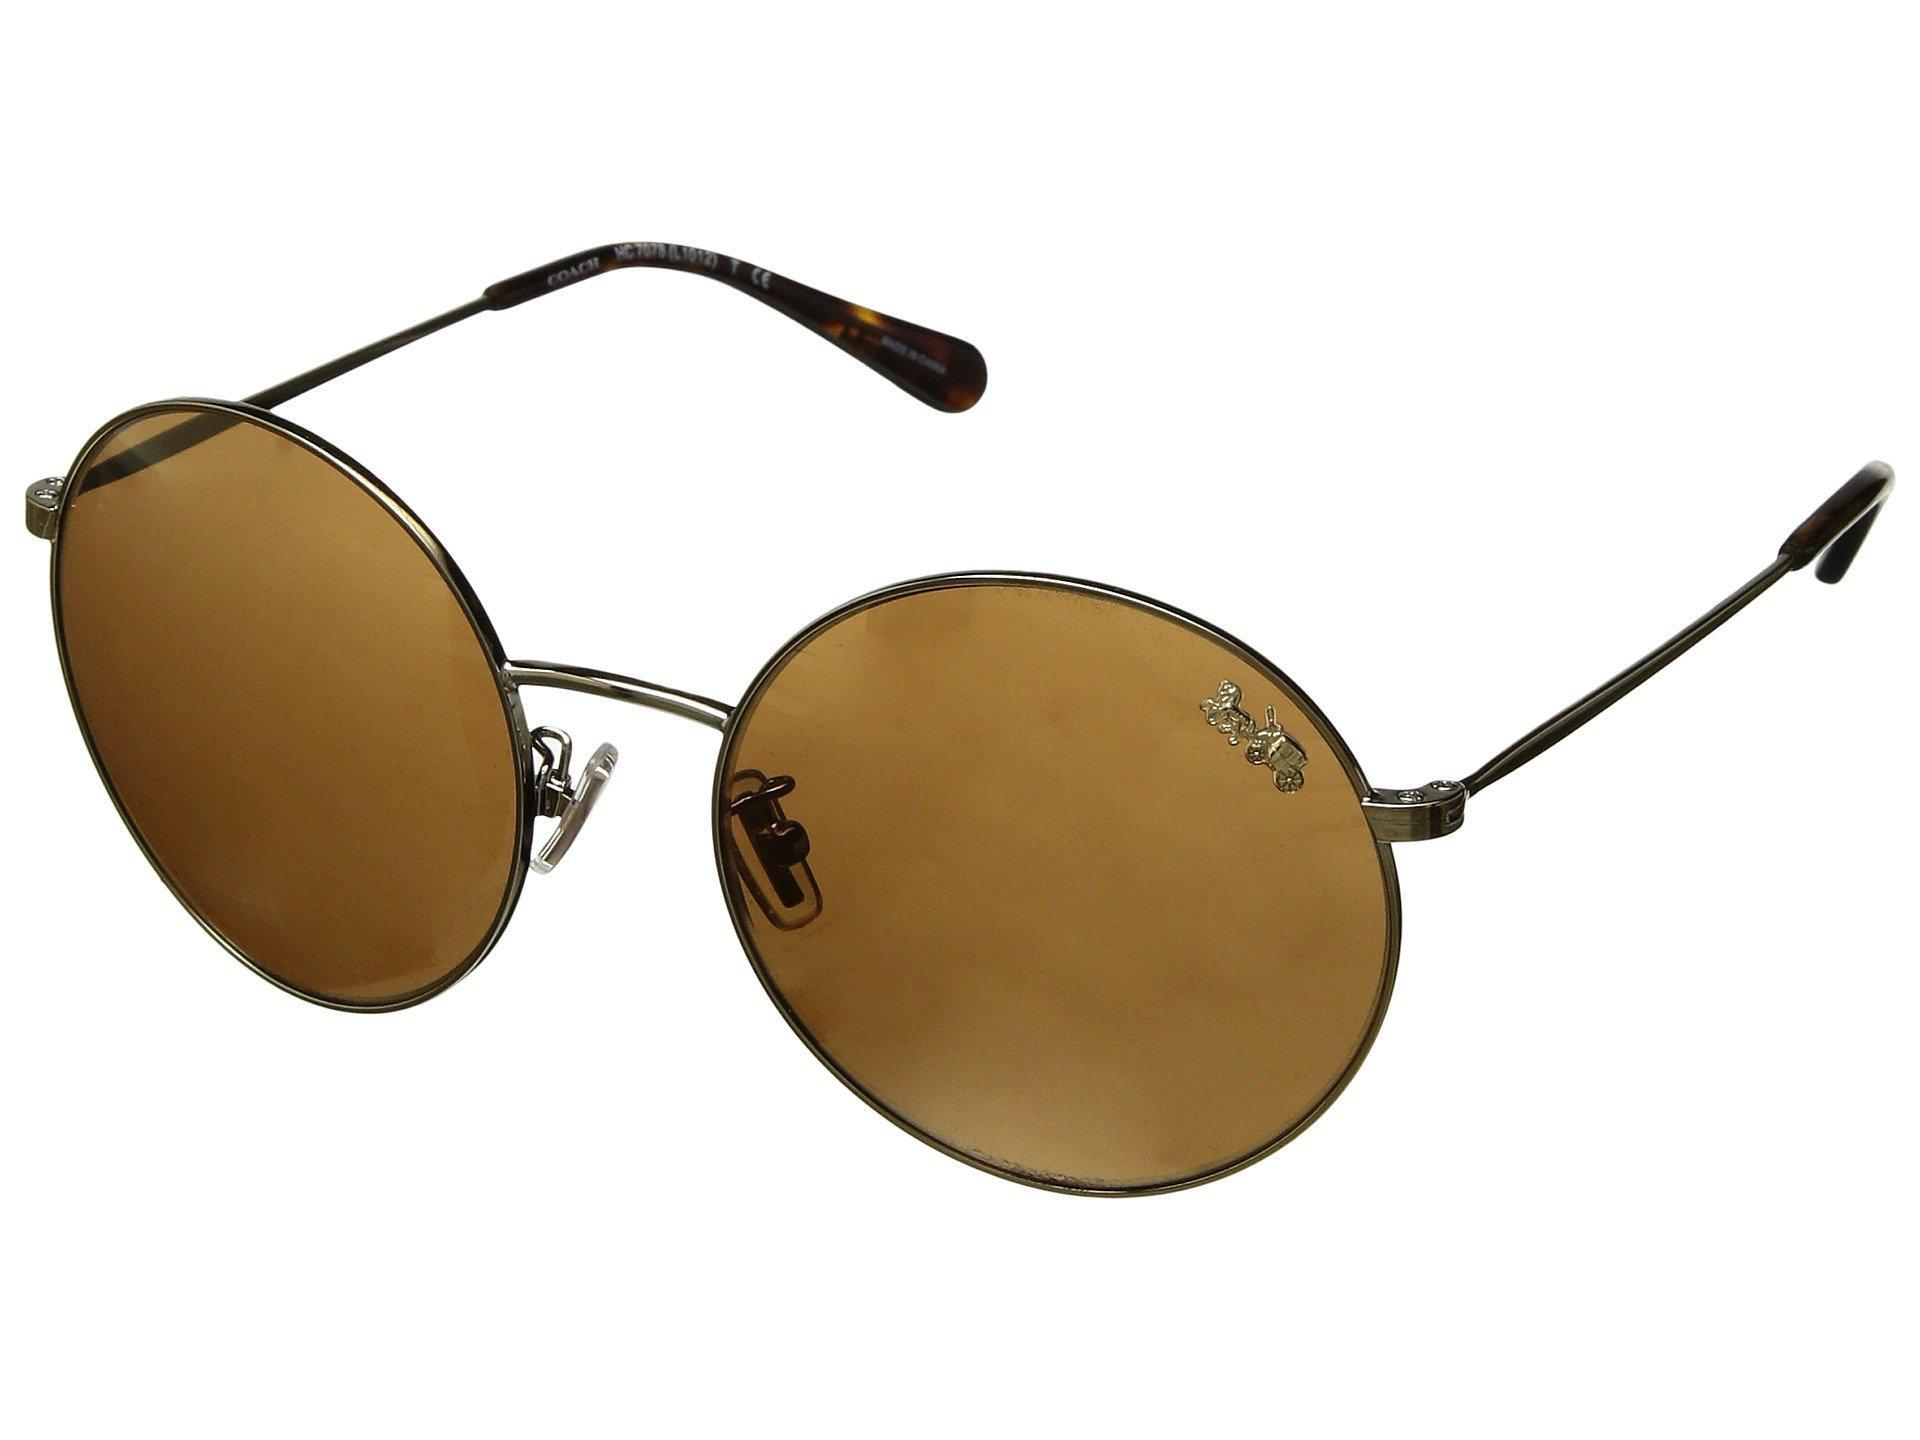 b588d2034d0e6 Lyst - COACH 0hc7078 56mm (shiny Light Gold gold Mirror) Fashion ...